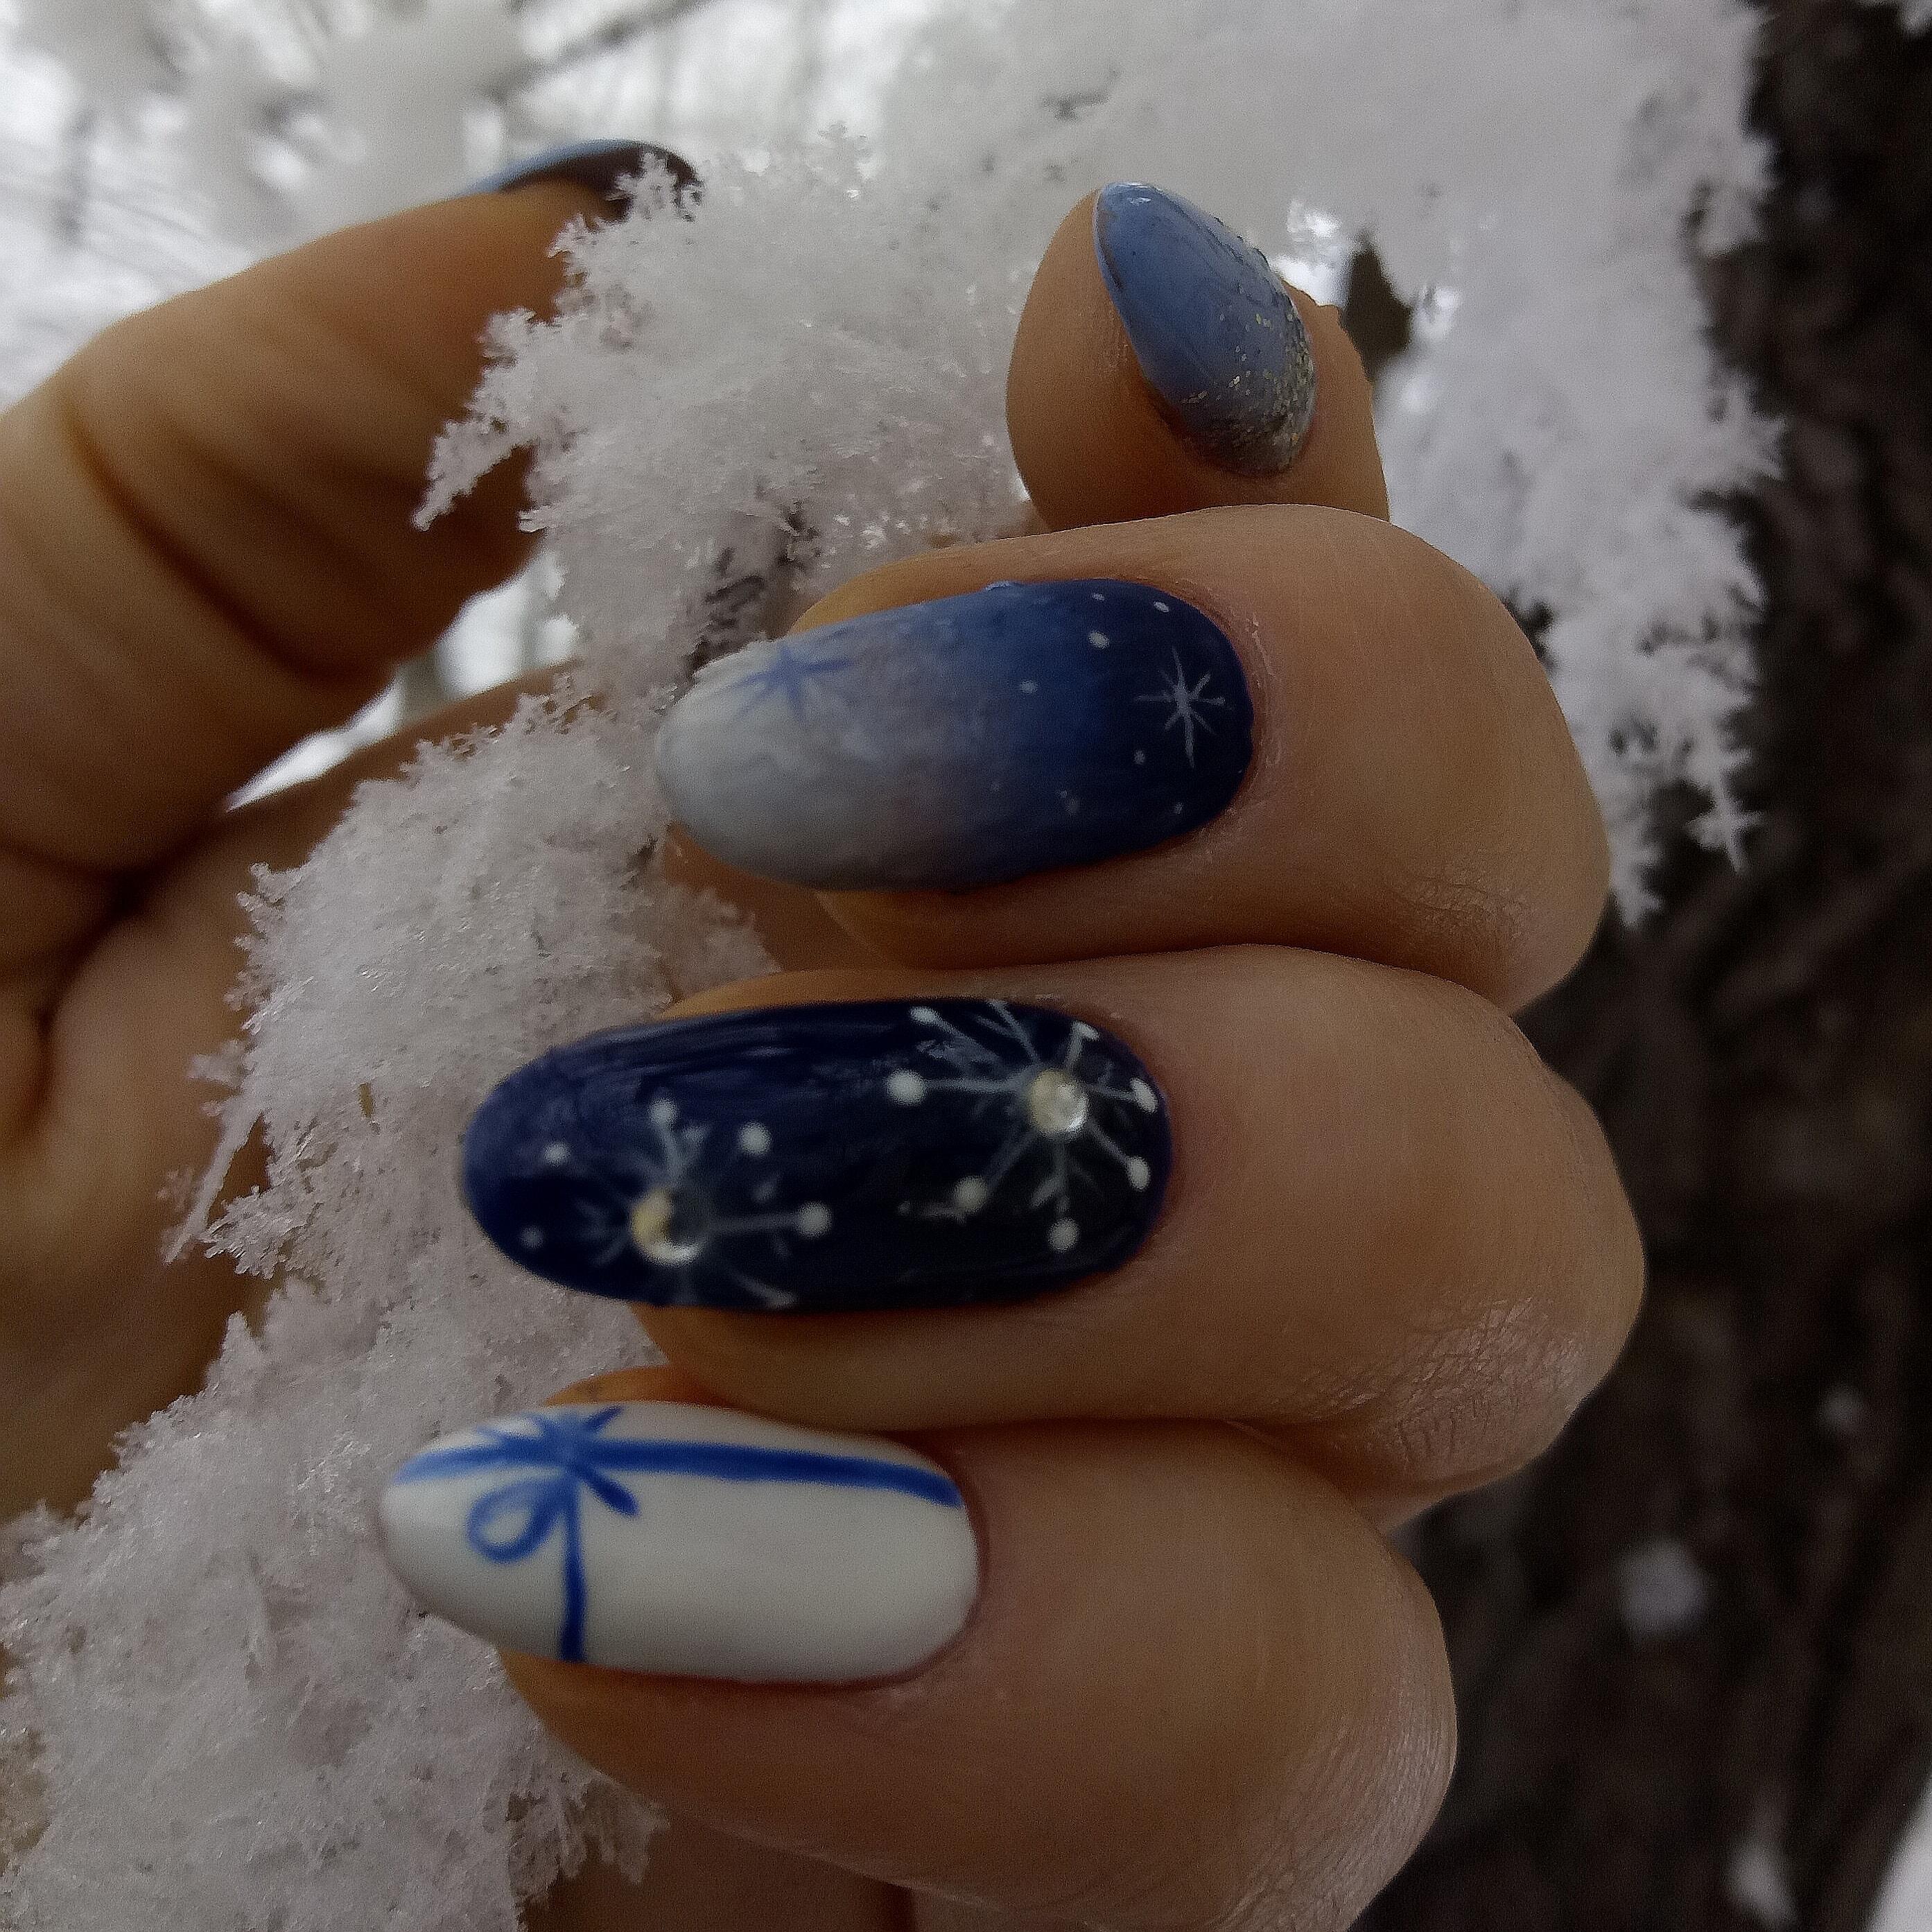 """Маникюр с дизайном """"Зимний"""". В сине белом цвете. Градиент матовый. Стразы. Снежинки."""